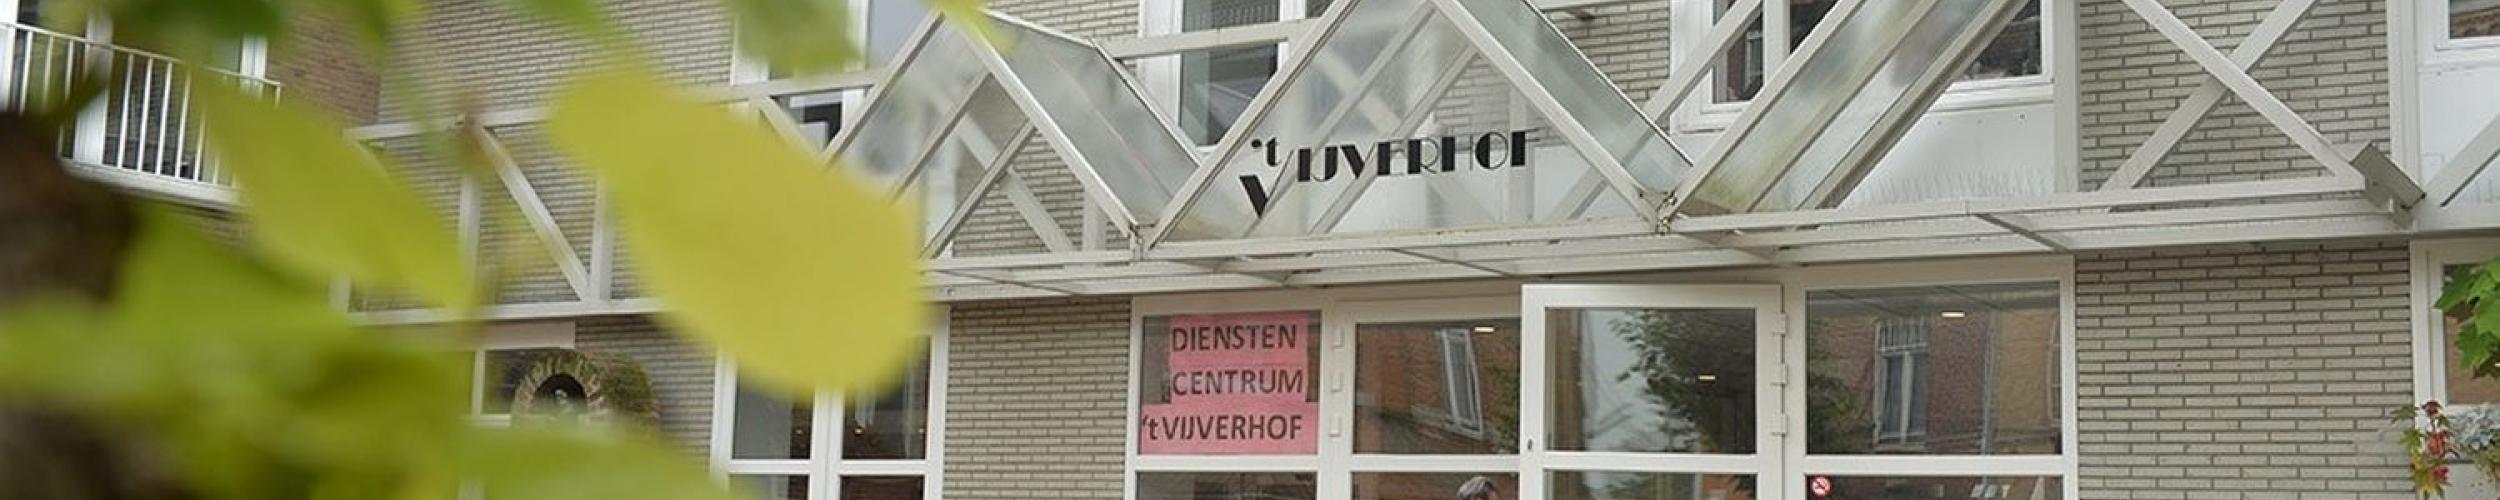 Album DC 't Vijverhof